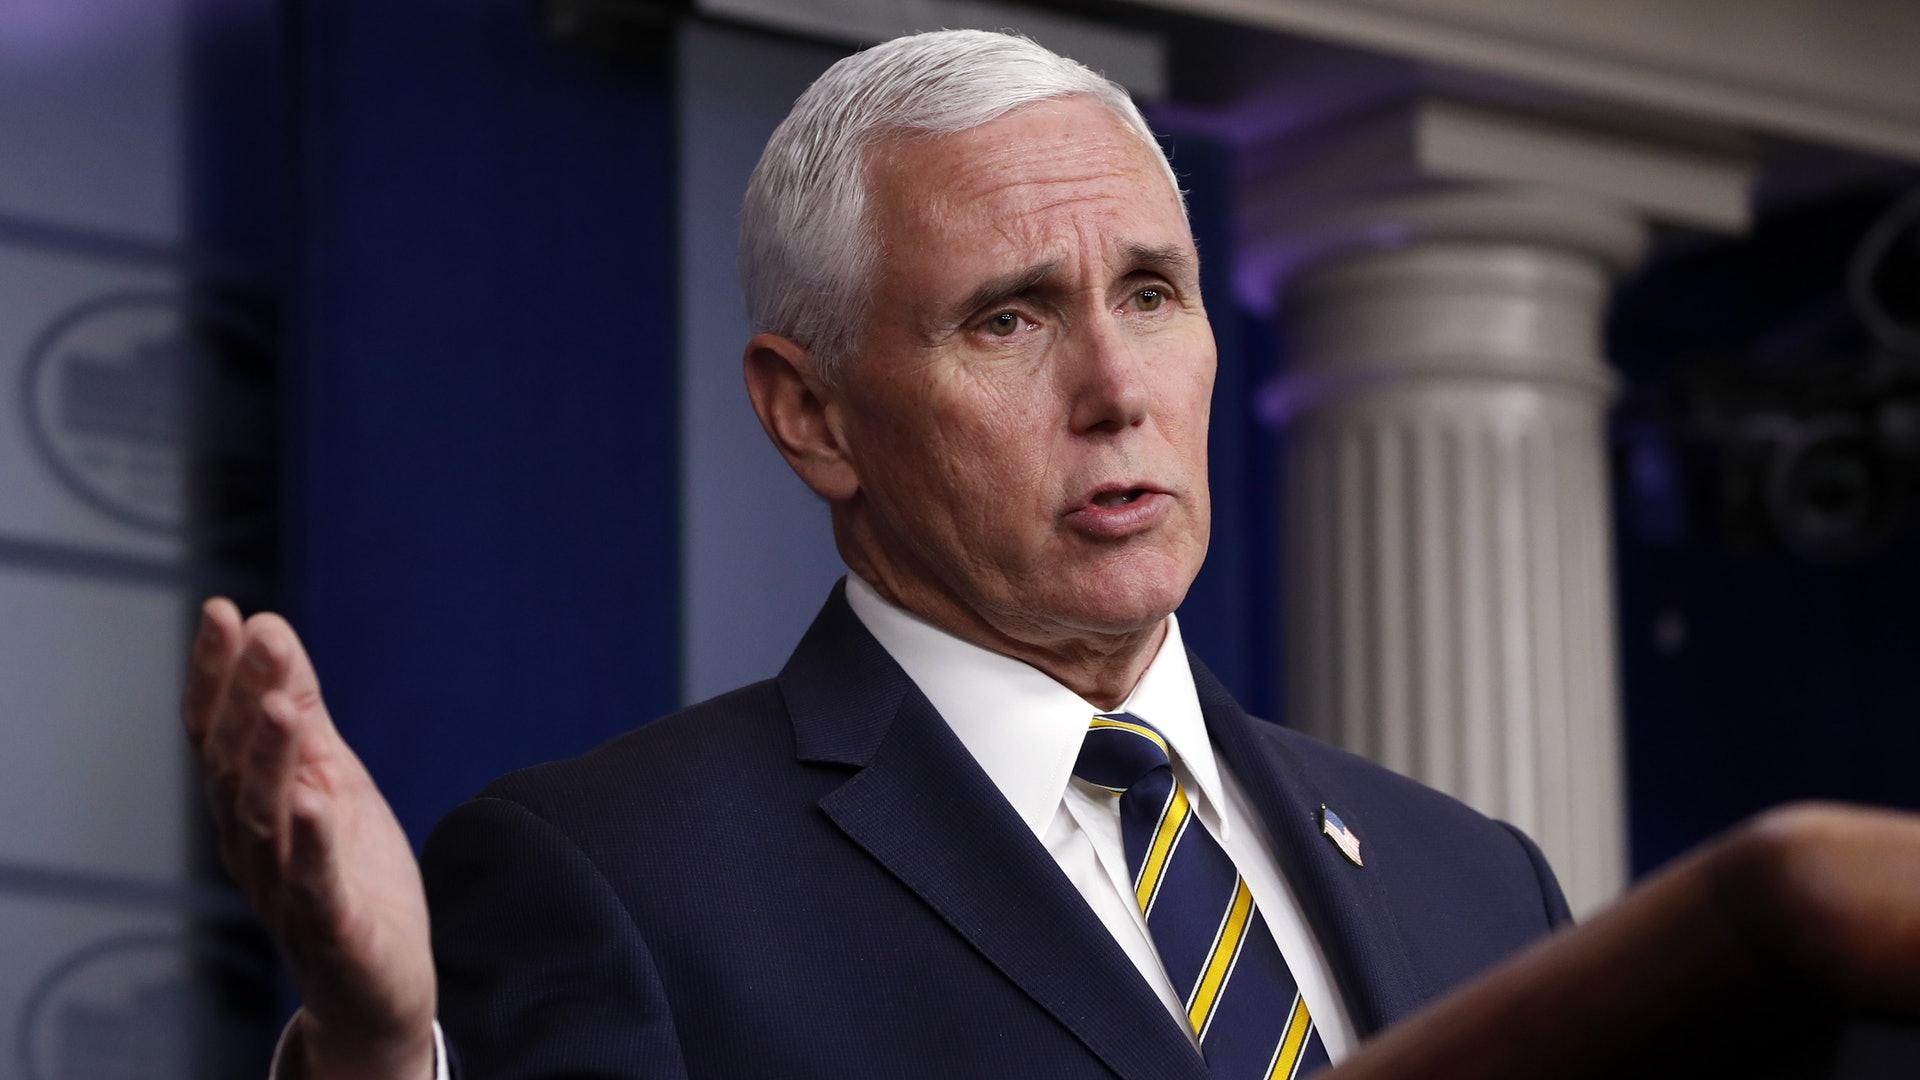 美国大选:副总统辩论于10月7日在盐湖城的犹他大学举行,现任副总统彭斯会与拜登的副手辩论。 图为2020年4月22日,彭斯在白宫向记者报告新型冠状病毒肺炎疫情。 (AP)